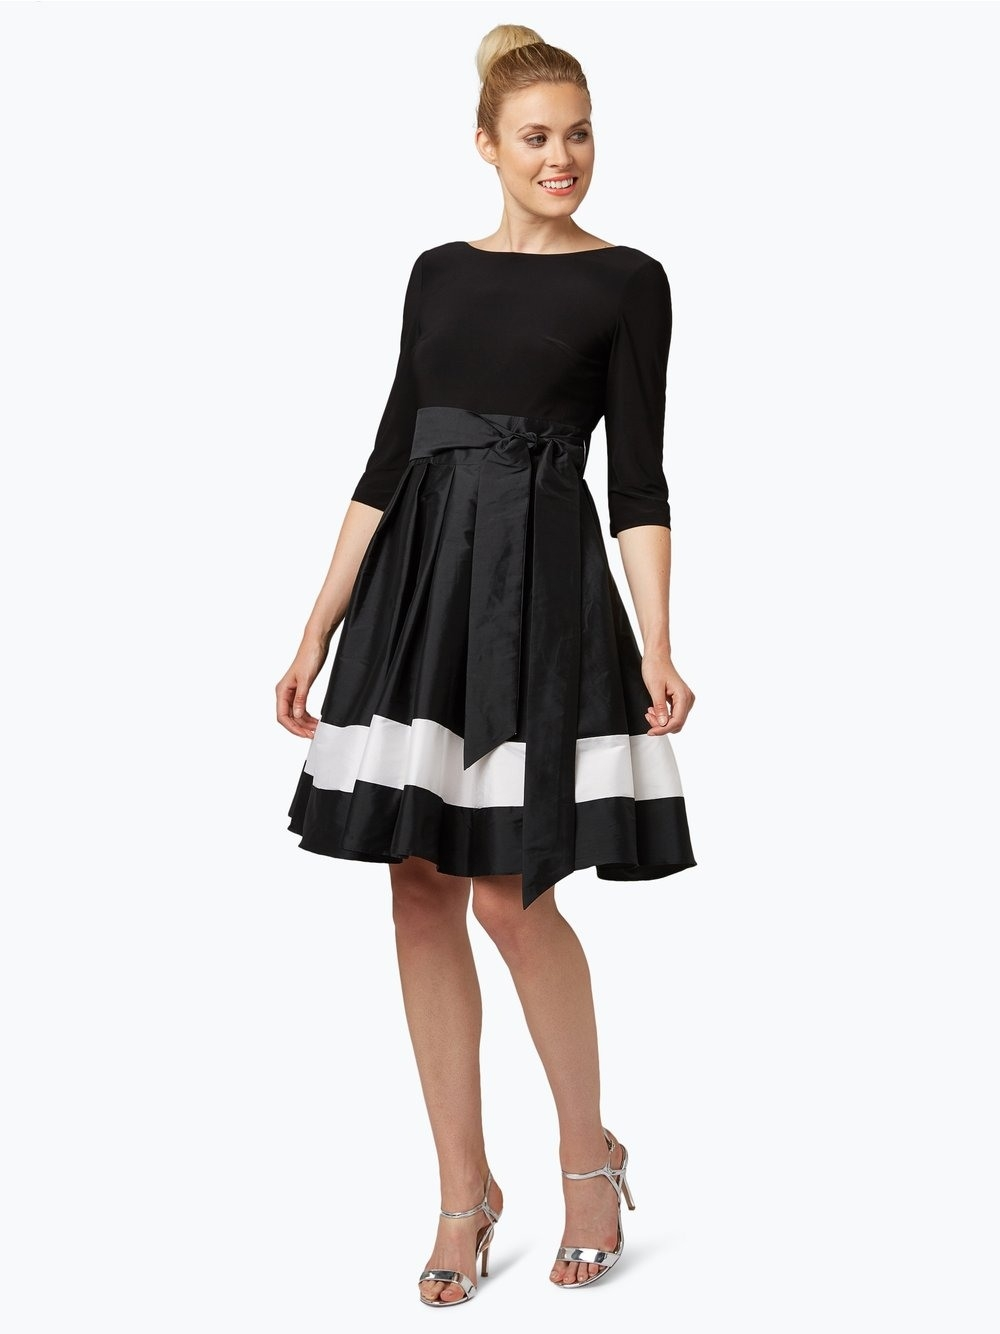 20 Cool Cocktailkleid Schwarz Weiß für 201920 Genial Cocktailkleid Schwarz Weiß Vertrieb